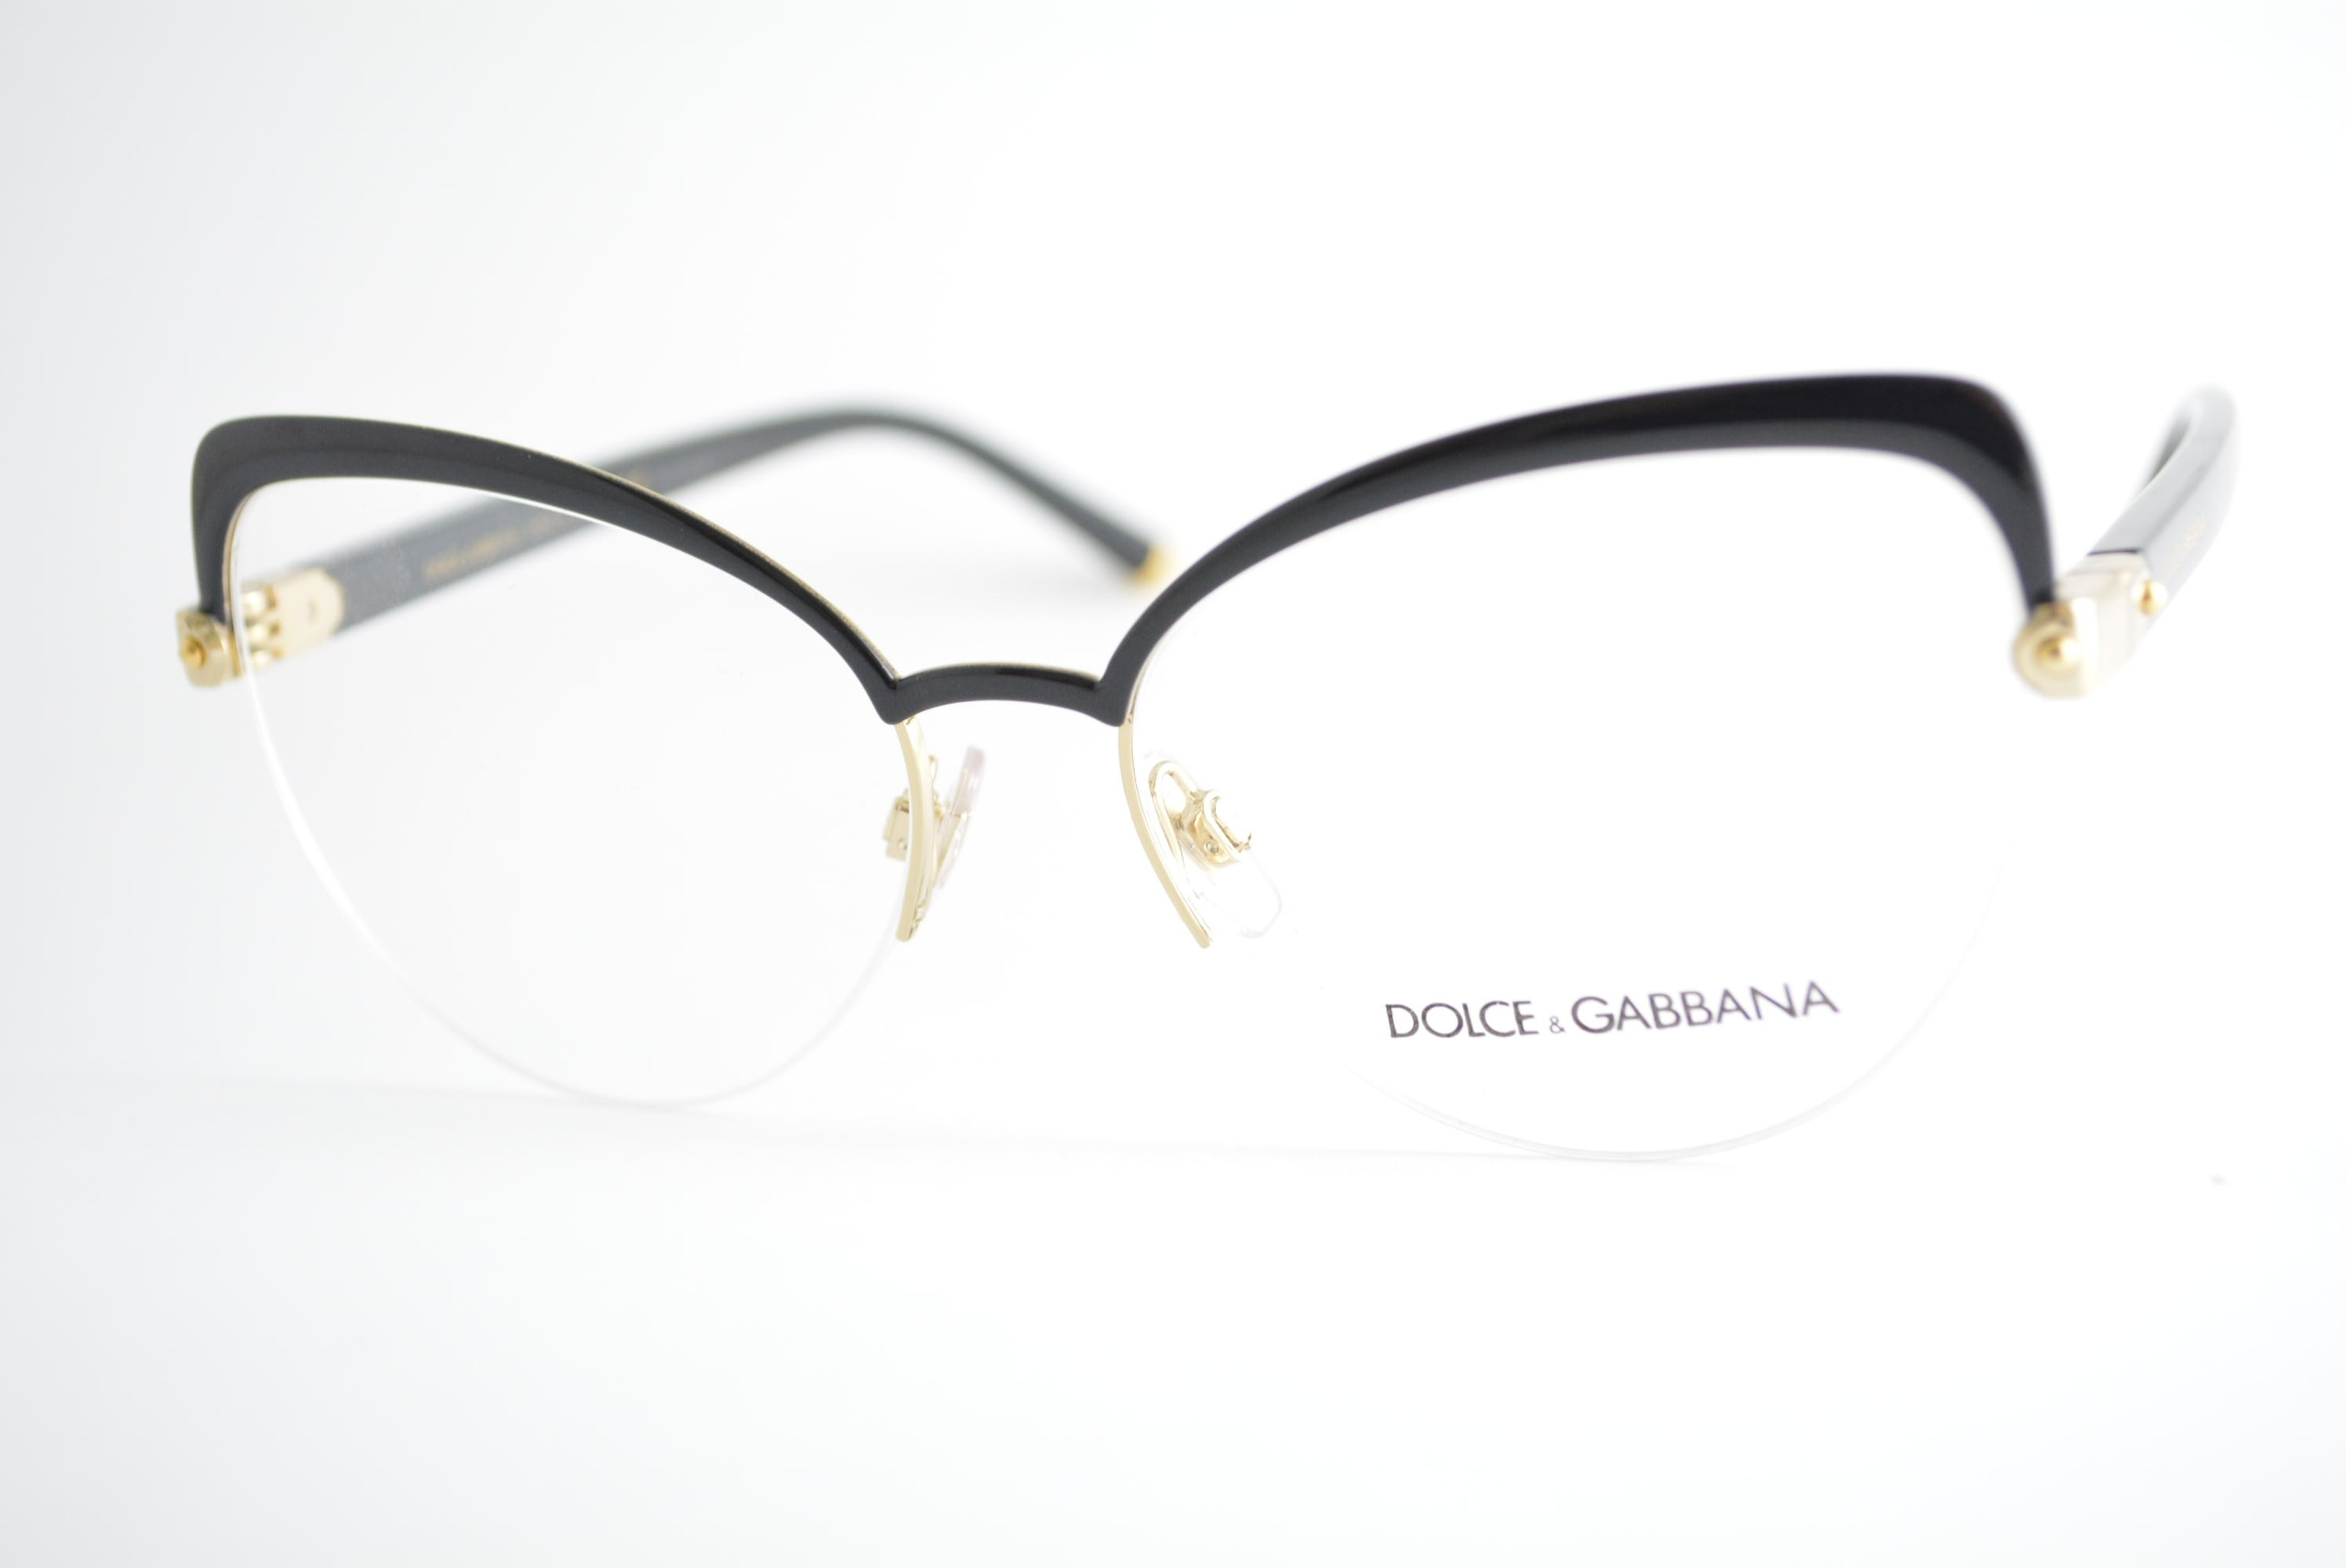 3faaebb37 armação de óculos Dolce & Gabbana mod DG1305 01 Ótica Cardoso